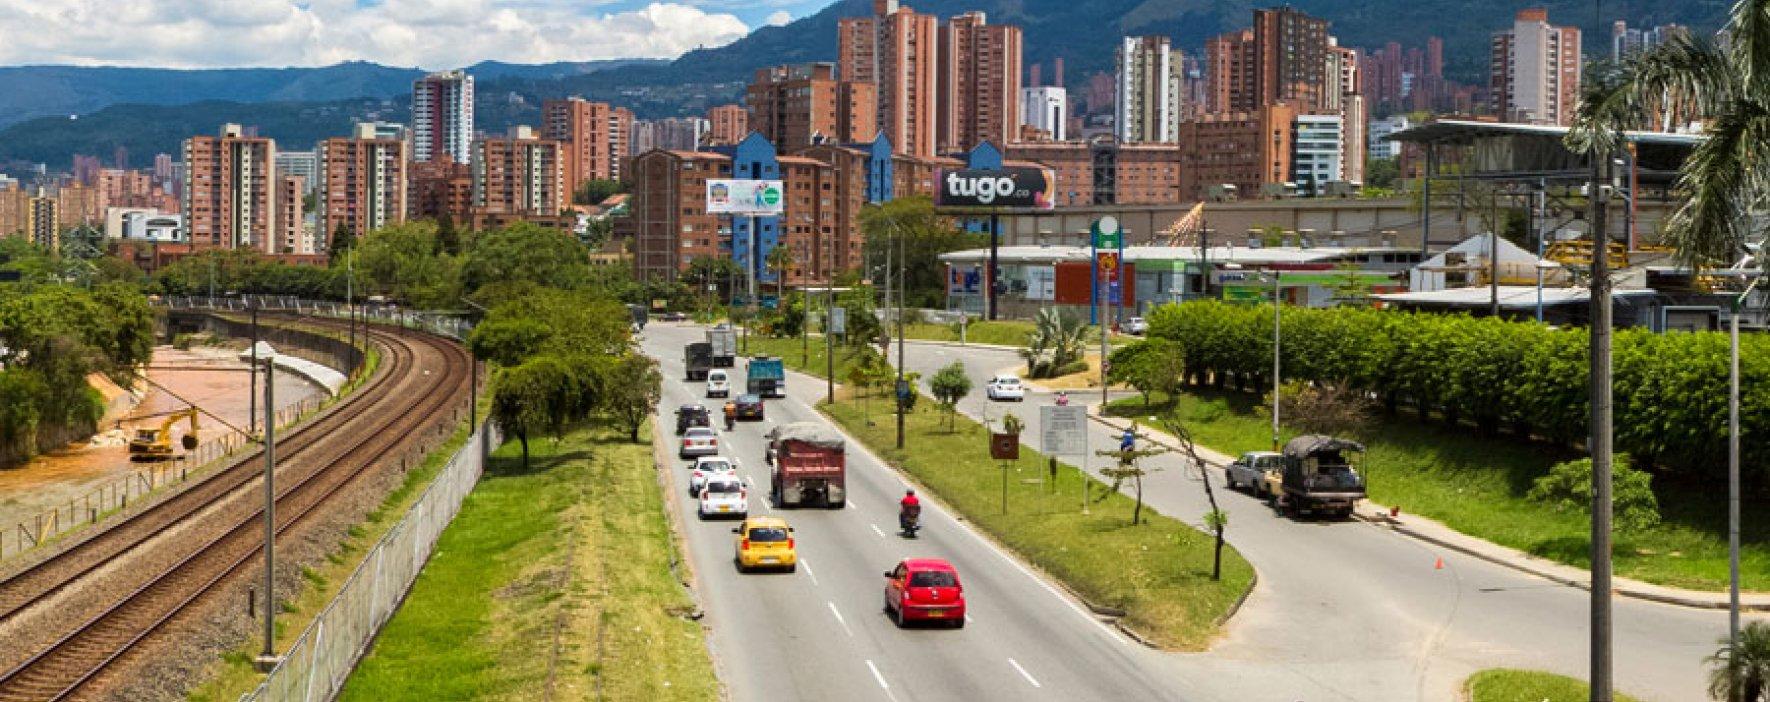 En 2016 la construcción de viviendas y vías impulsarán el crecimiento de Colombia